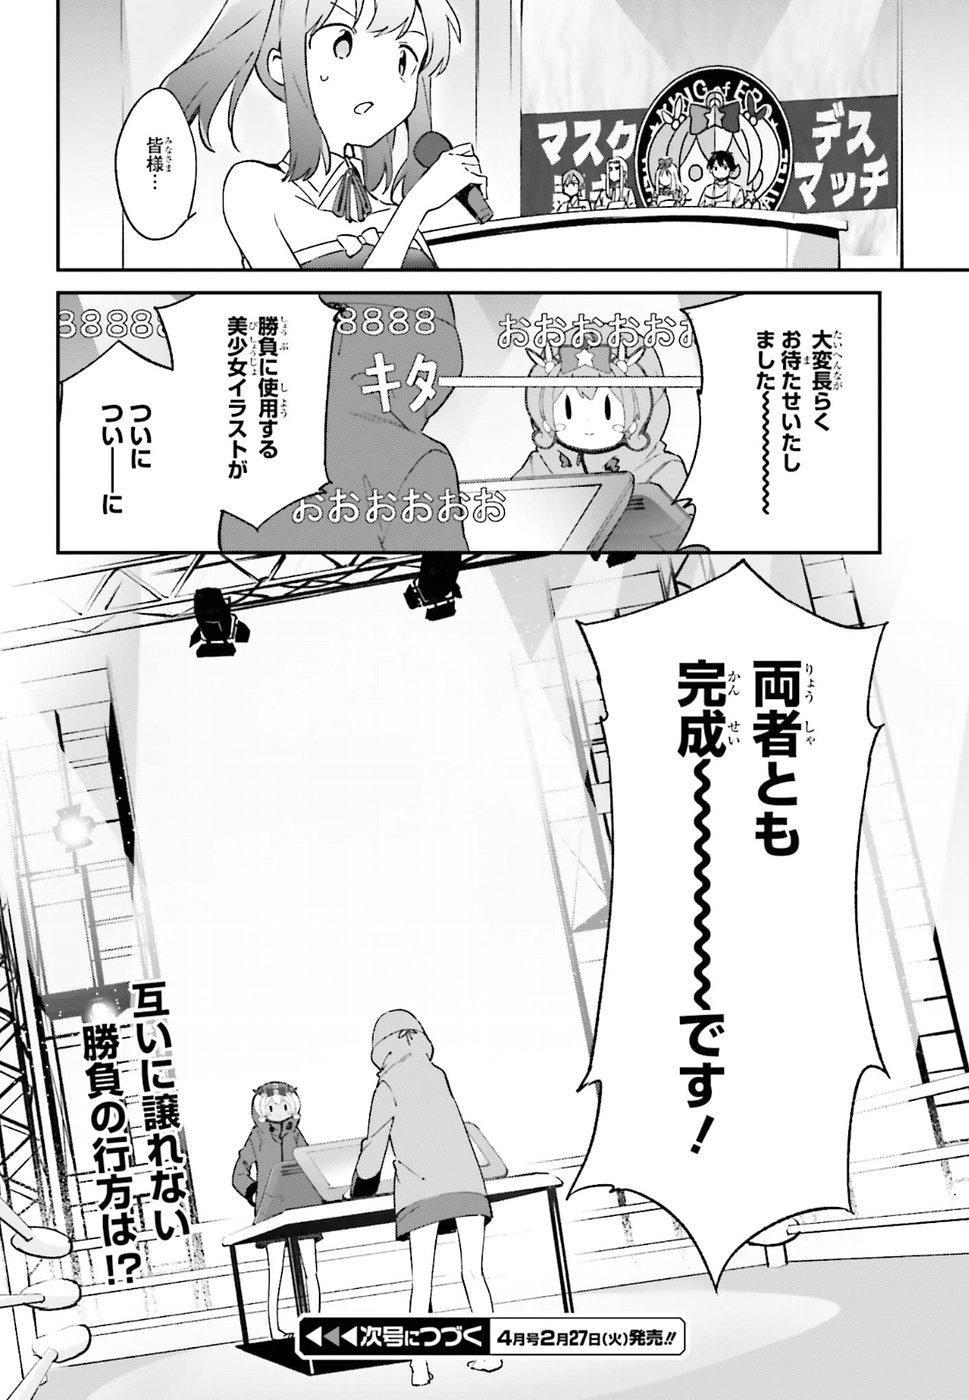 Ero Manga Sensei - Chapter 44 - Page 24